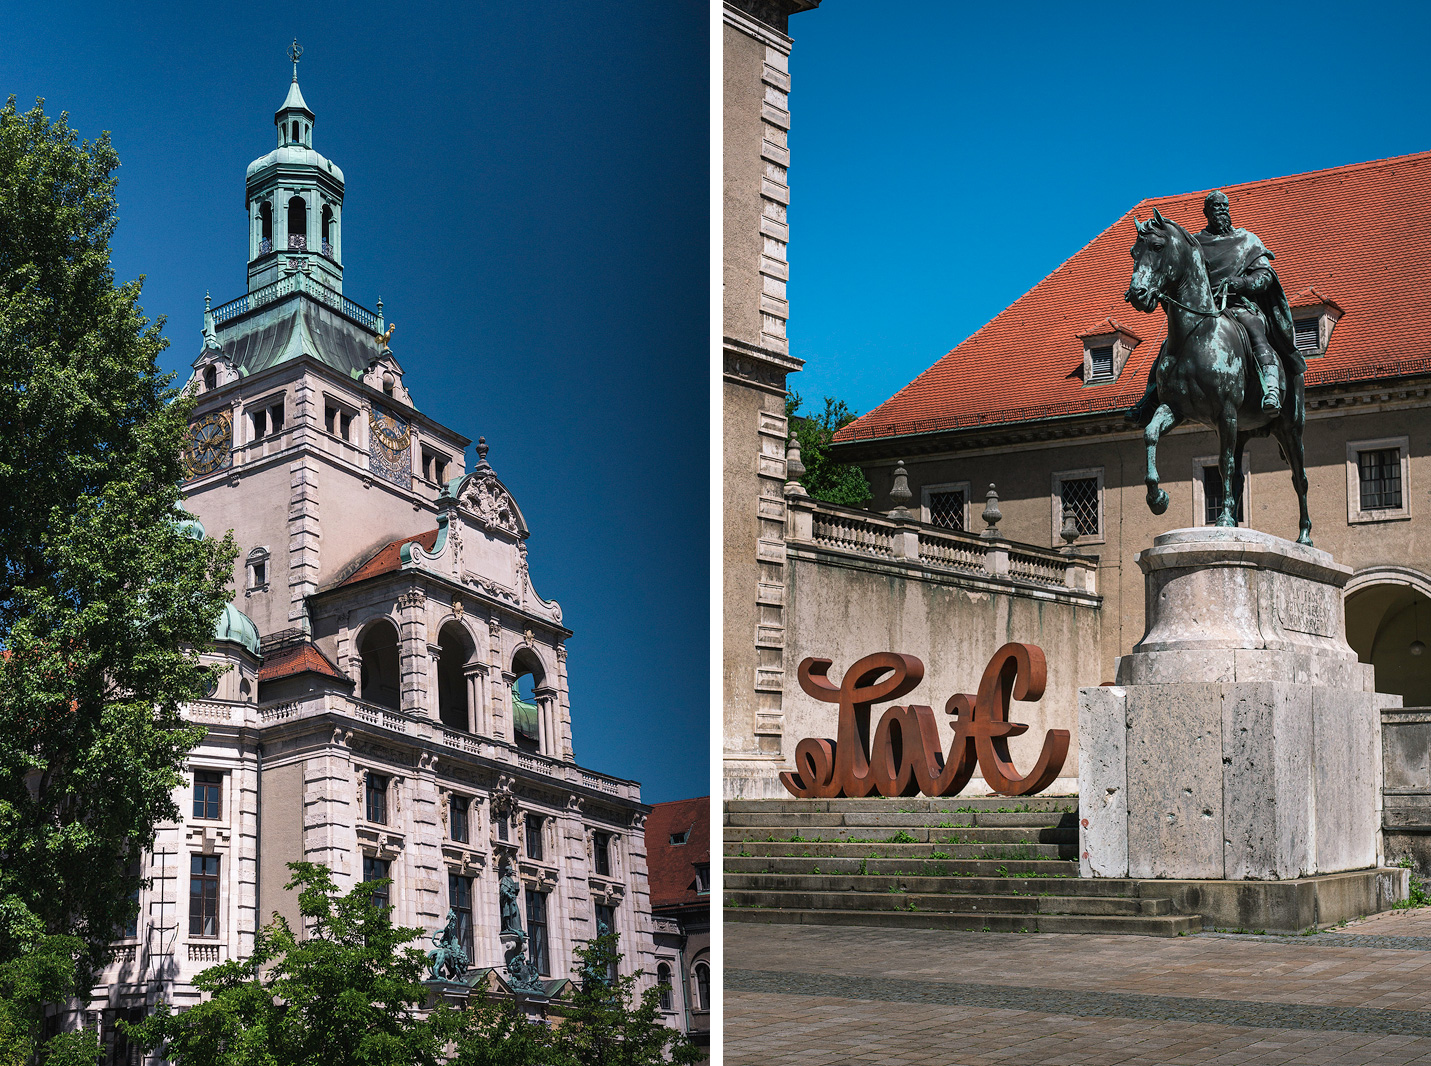 Bayerisches Nationalmuseum, Stadtführung München, sightseeing munich, App, Test, Empfehlung, Erfahrung, Reiseblog, Fotoblog, Kathrin's World, kathrinsworld, Kathrin Schlott